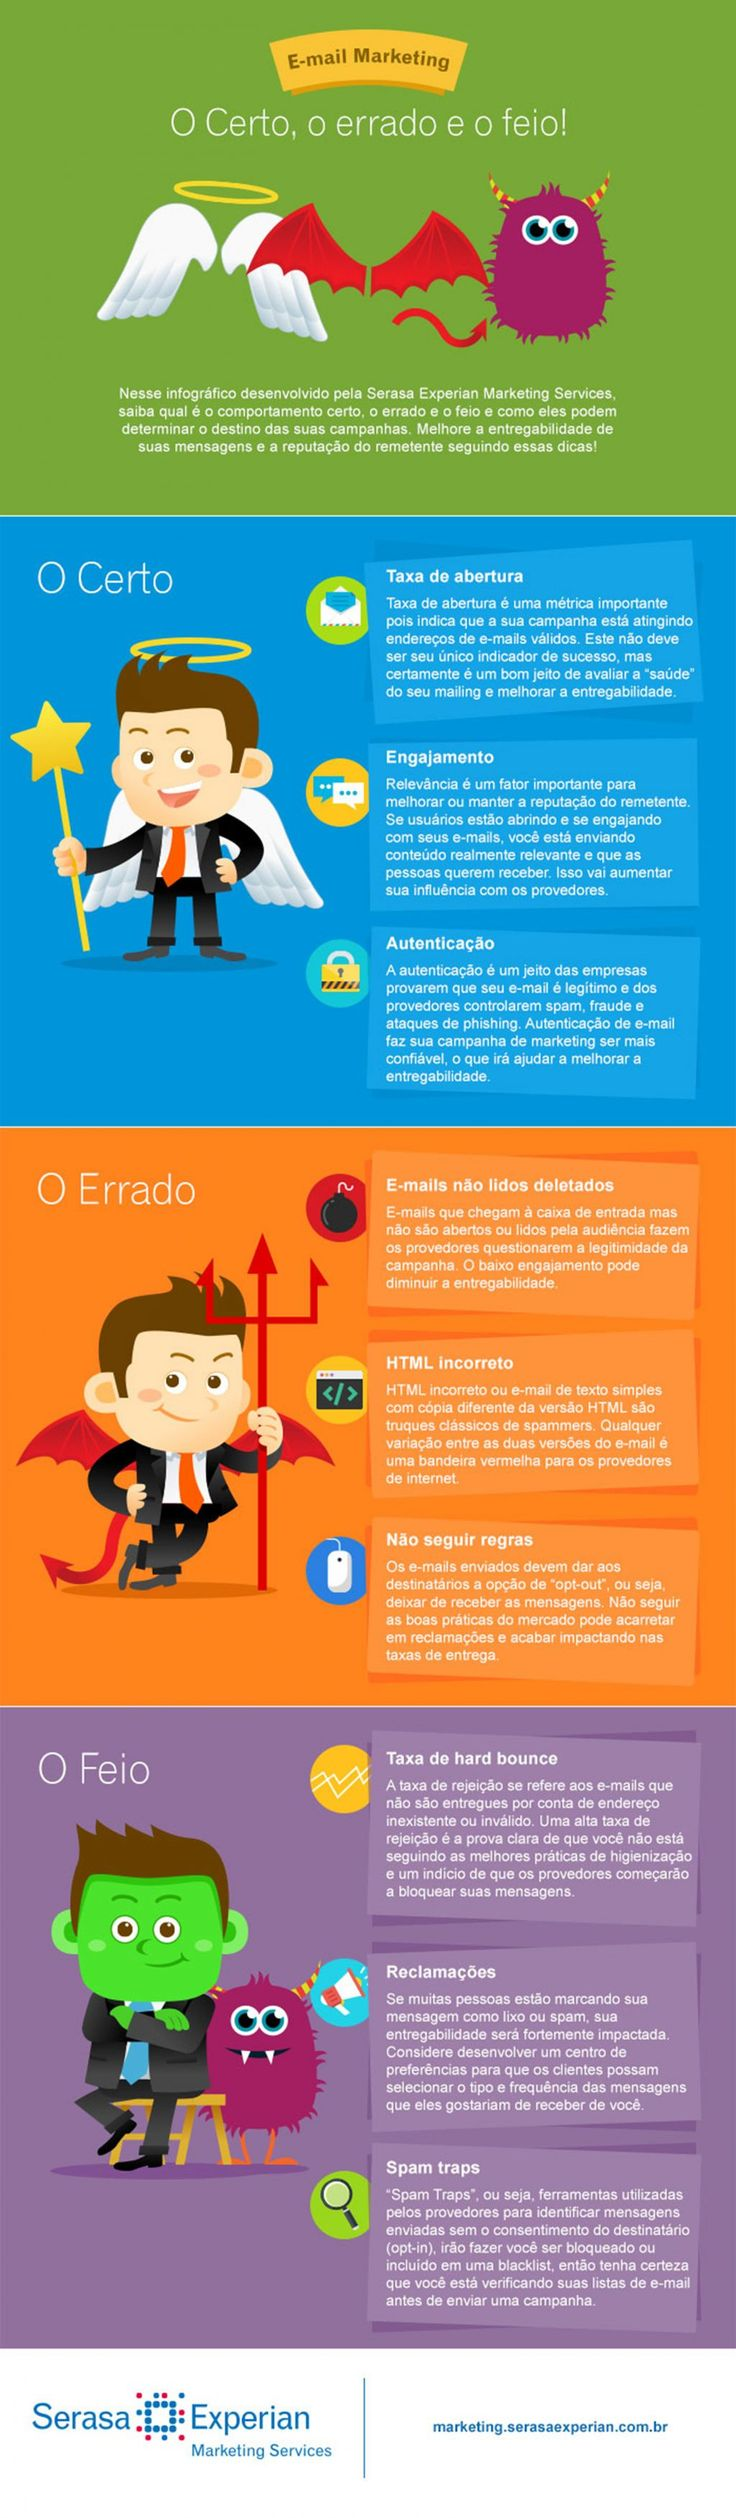 Infográfico mostra os erros e acertos no e-mail marketing